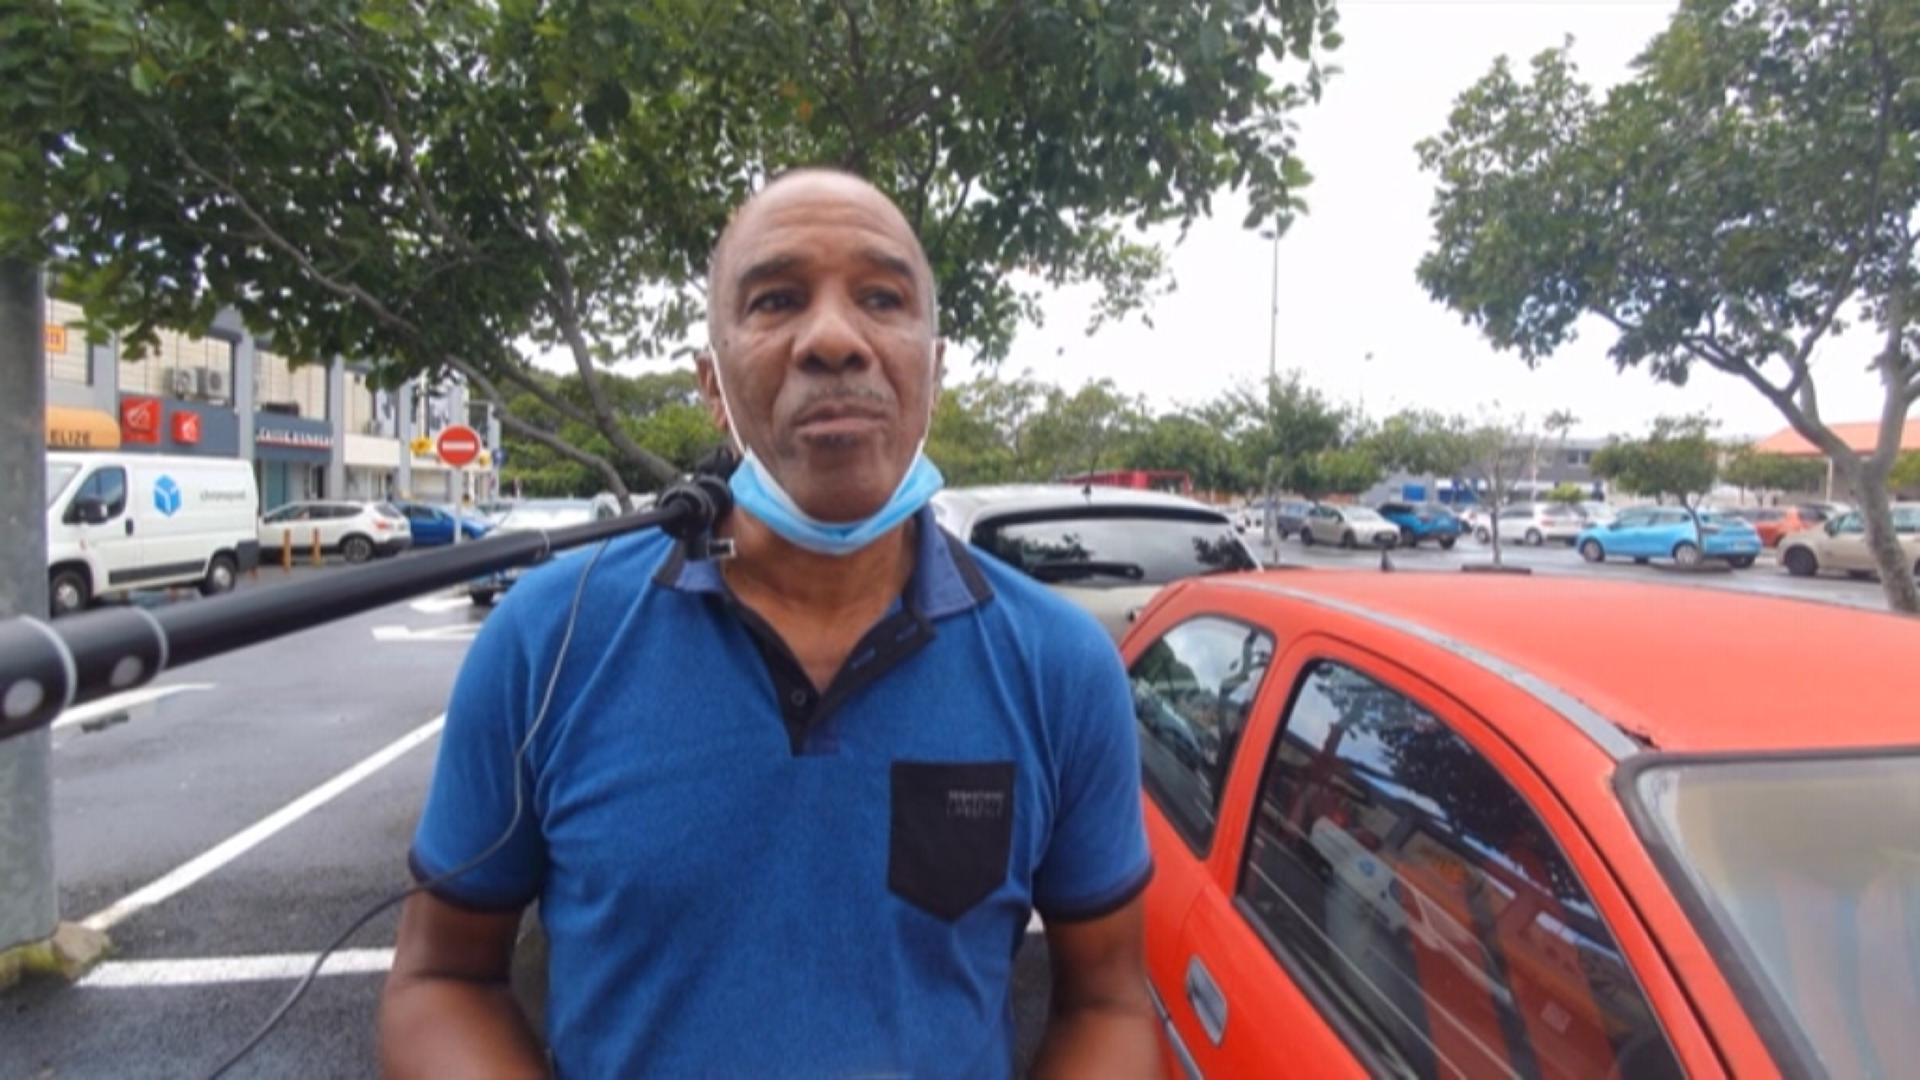 [Vidéo] Onews Martinique. Que pensent les martiniquais du Hangar à banane incendié au François. (micro Trottoir)